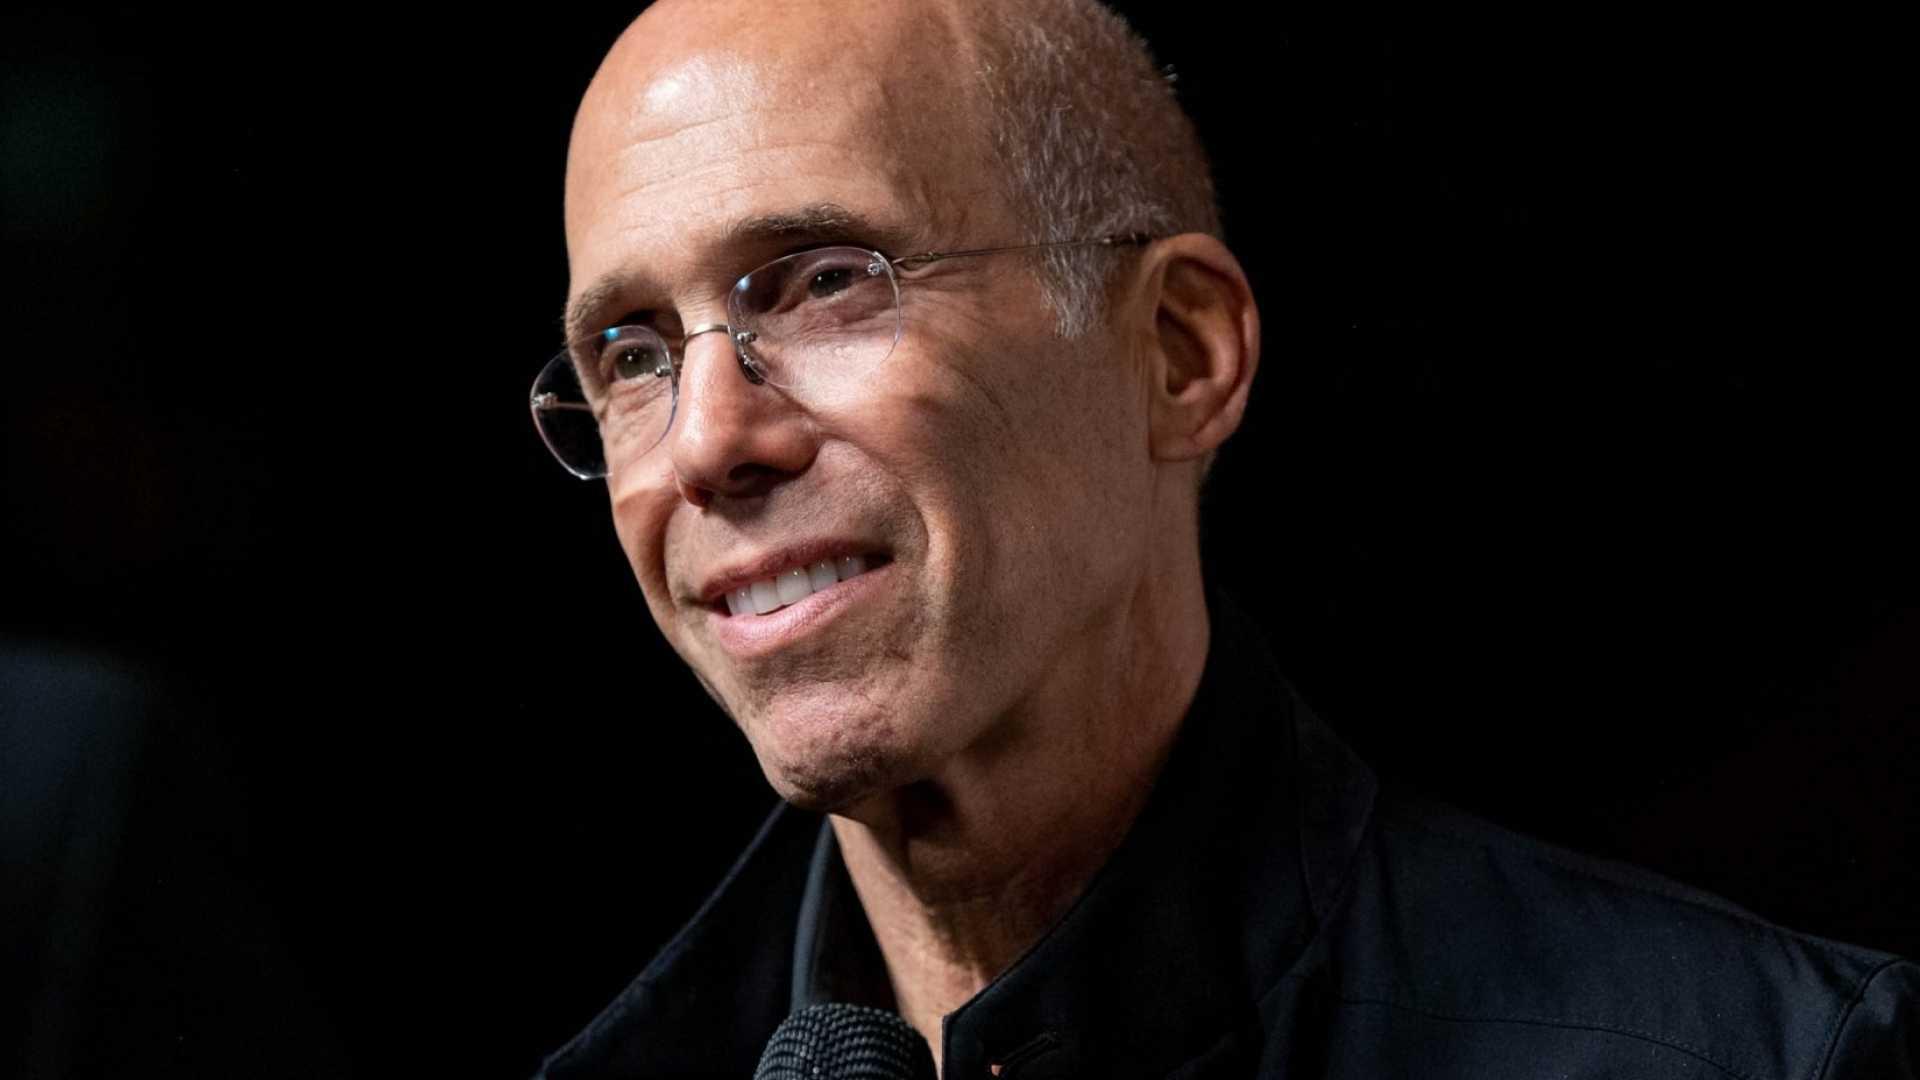 Quibi Is Jeffrey Katzenberg's $1.7 Billion Gamble